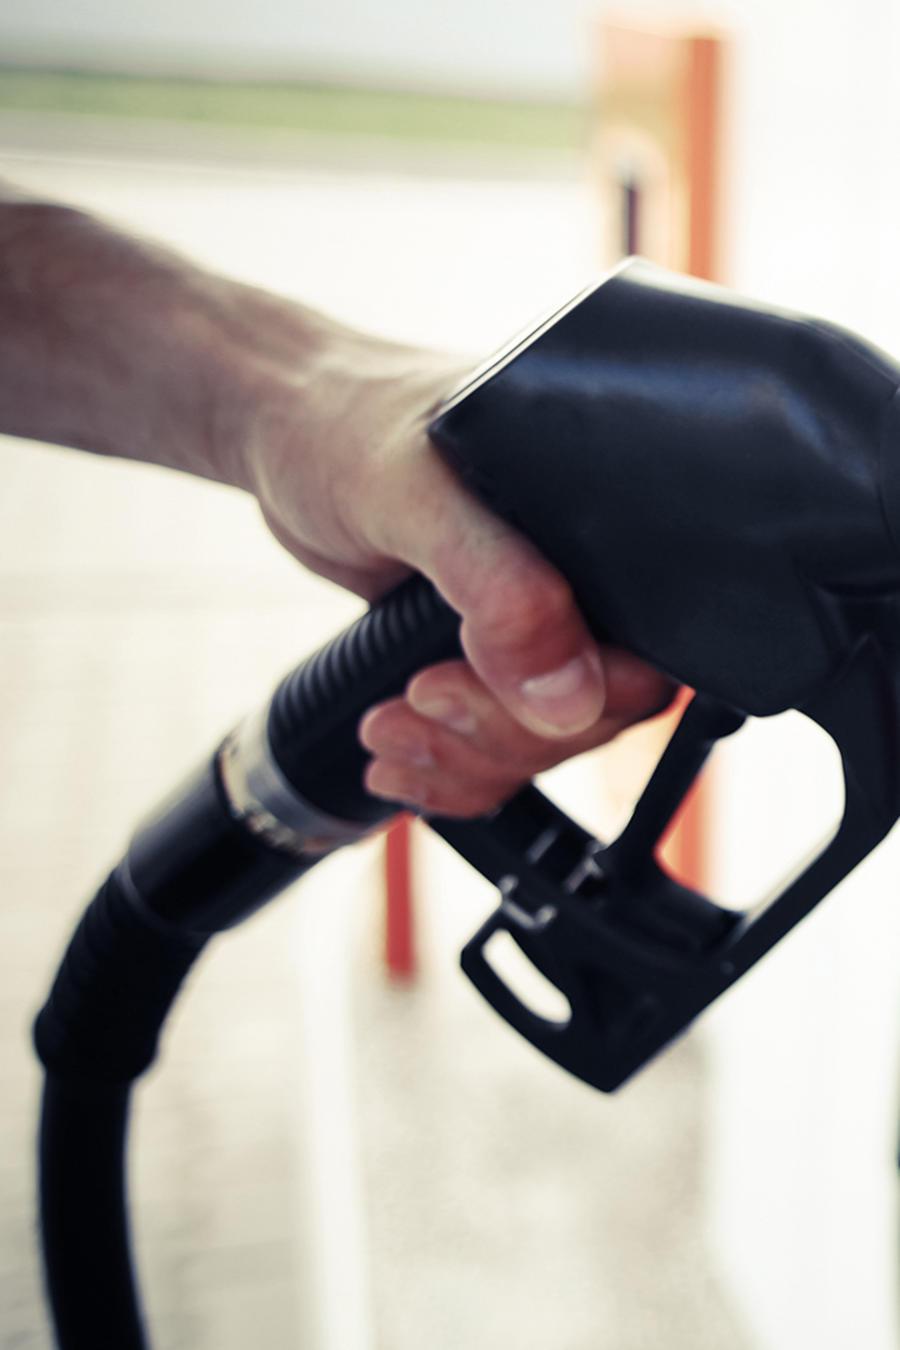 ¡Malas noticias! La gasolina no deja de aumentar y los americanos temen que todo aumente